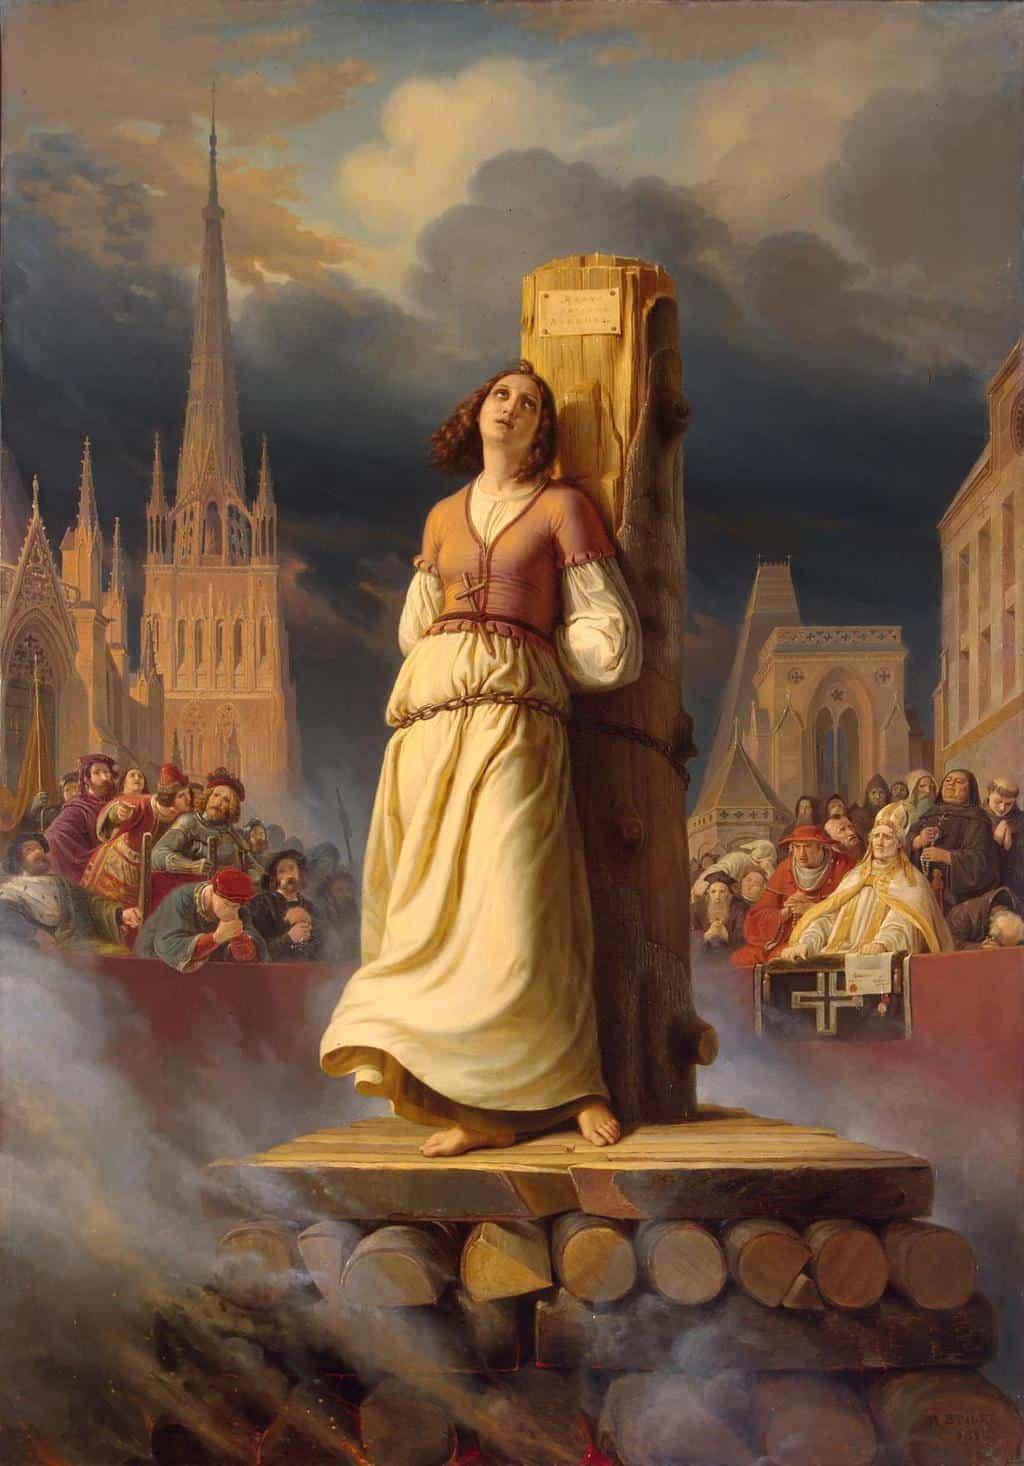 הוצאתה להורג של ז'אן דארק. ציור של הרמן שטילקה משנת 1843. מקור ציור: ויקיפדיה.